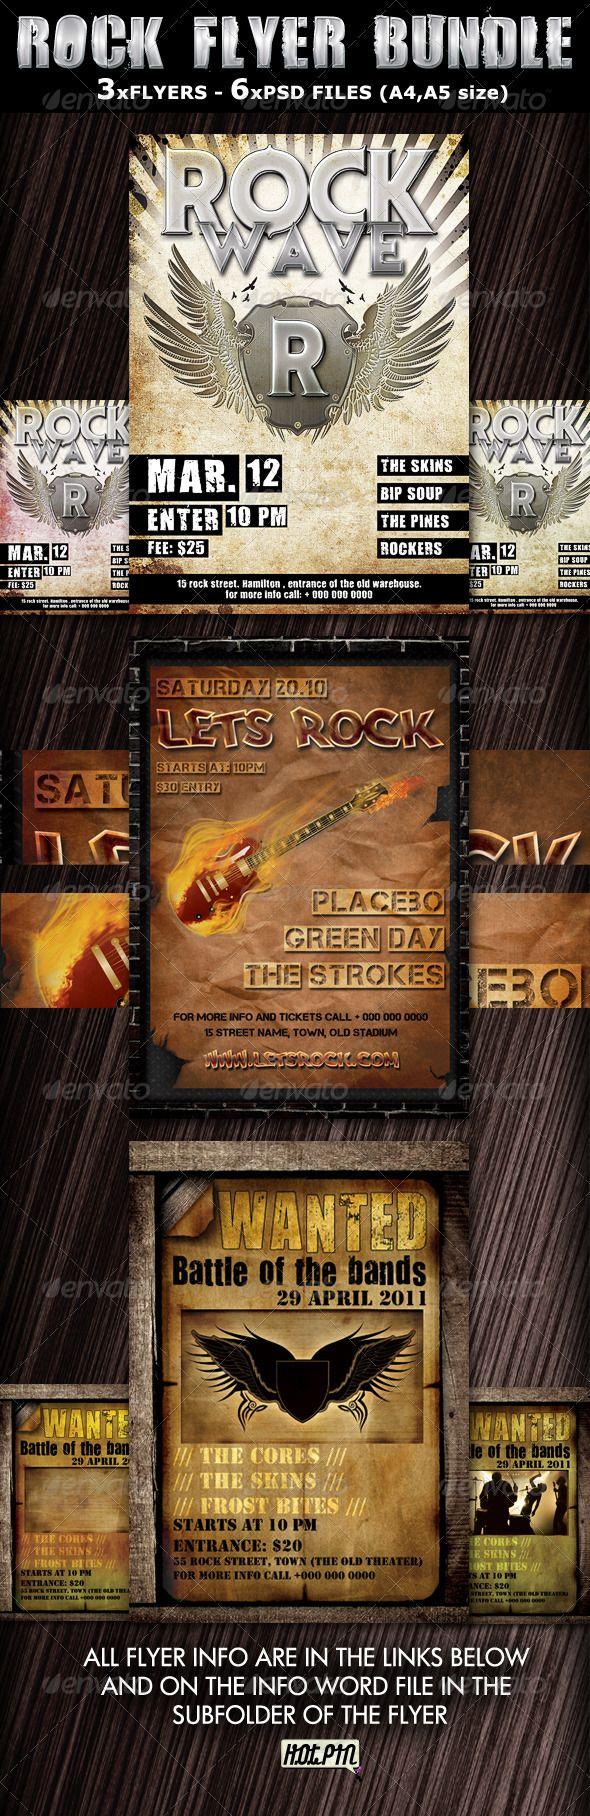 Rock Party-Concert Flyers Templates bundle | Pinterest